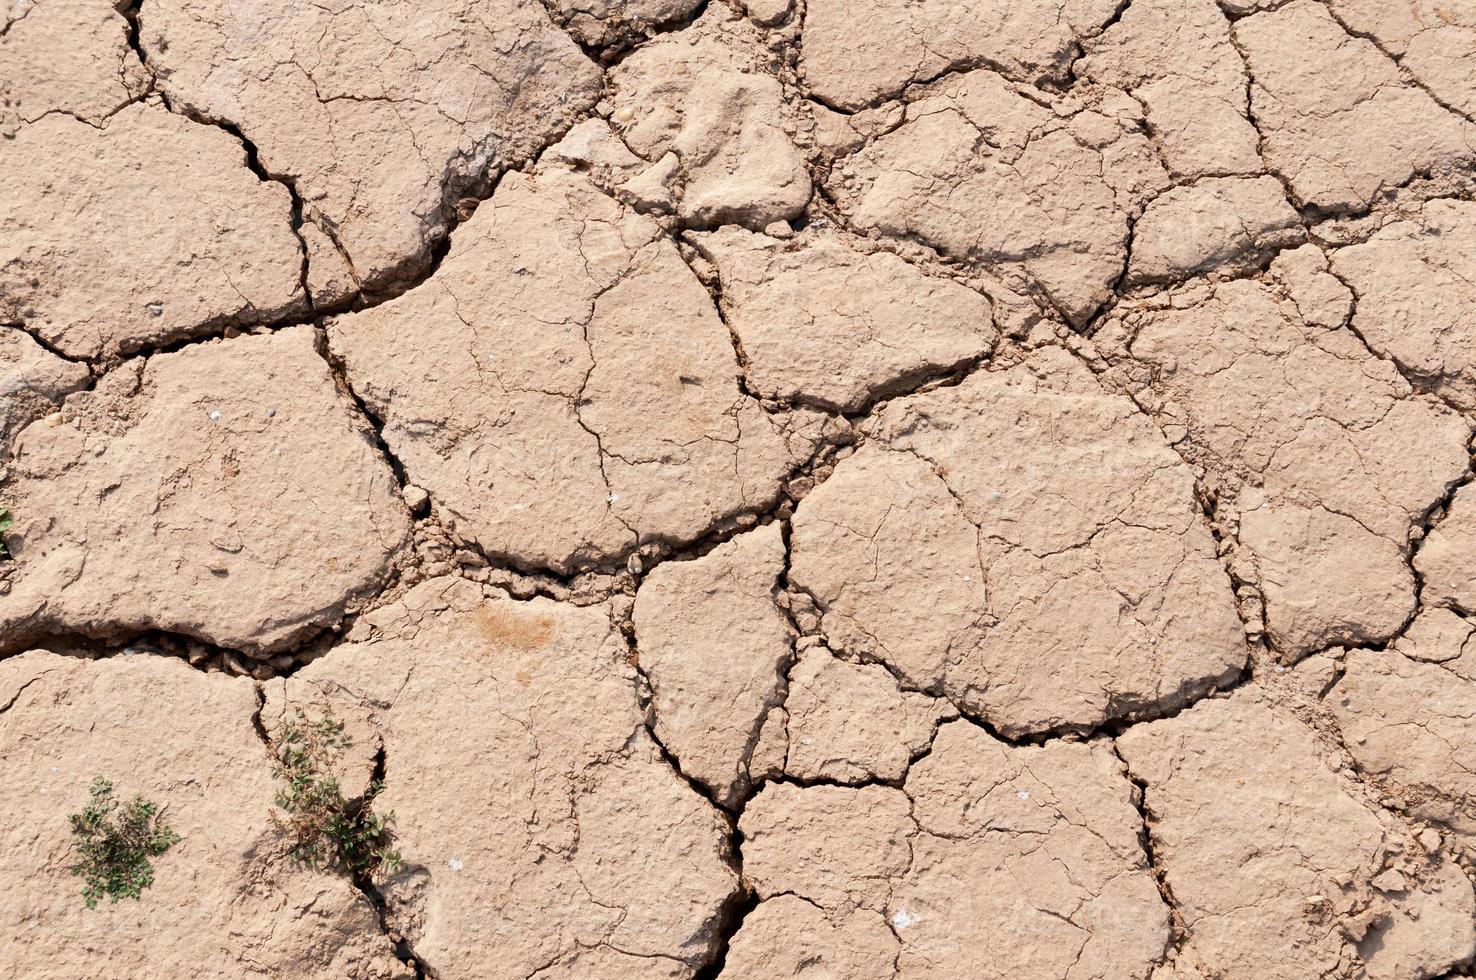 leito do lago secando devido à seca foto